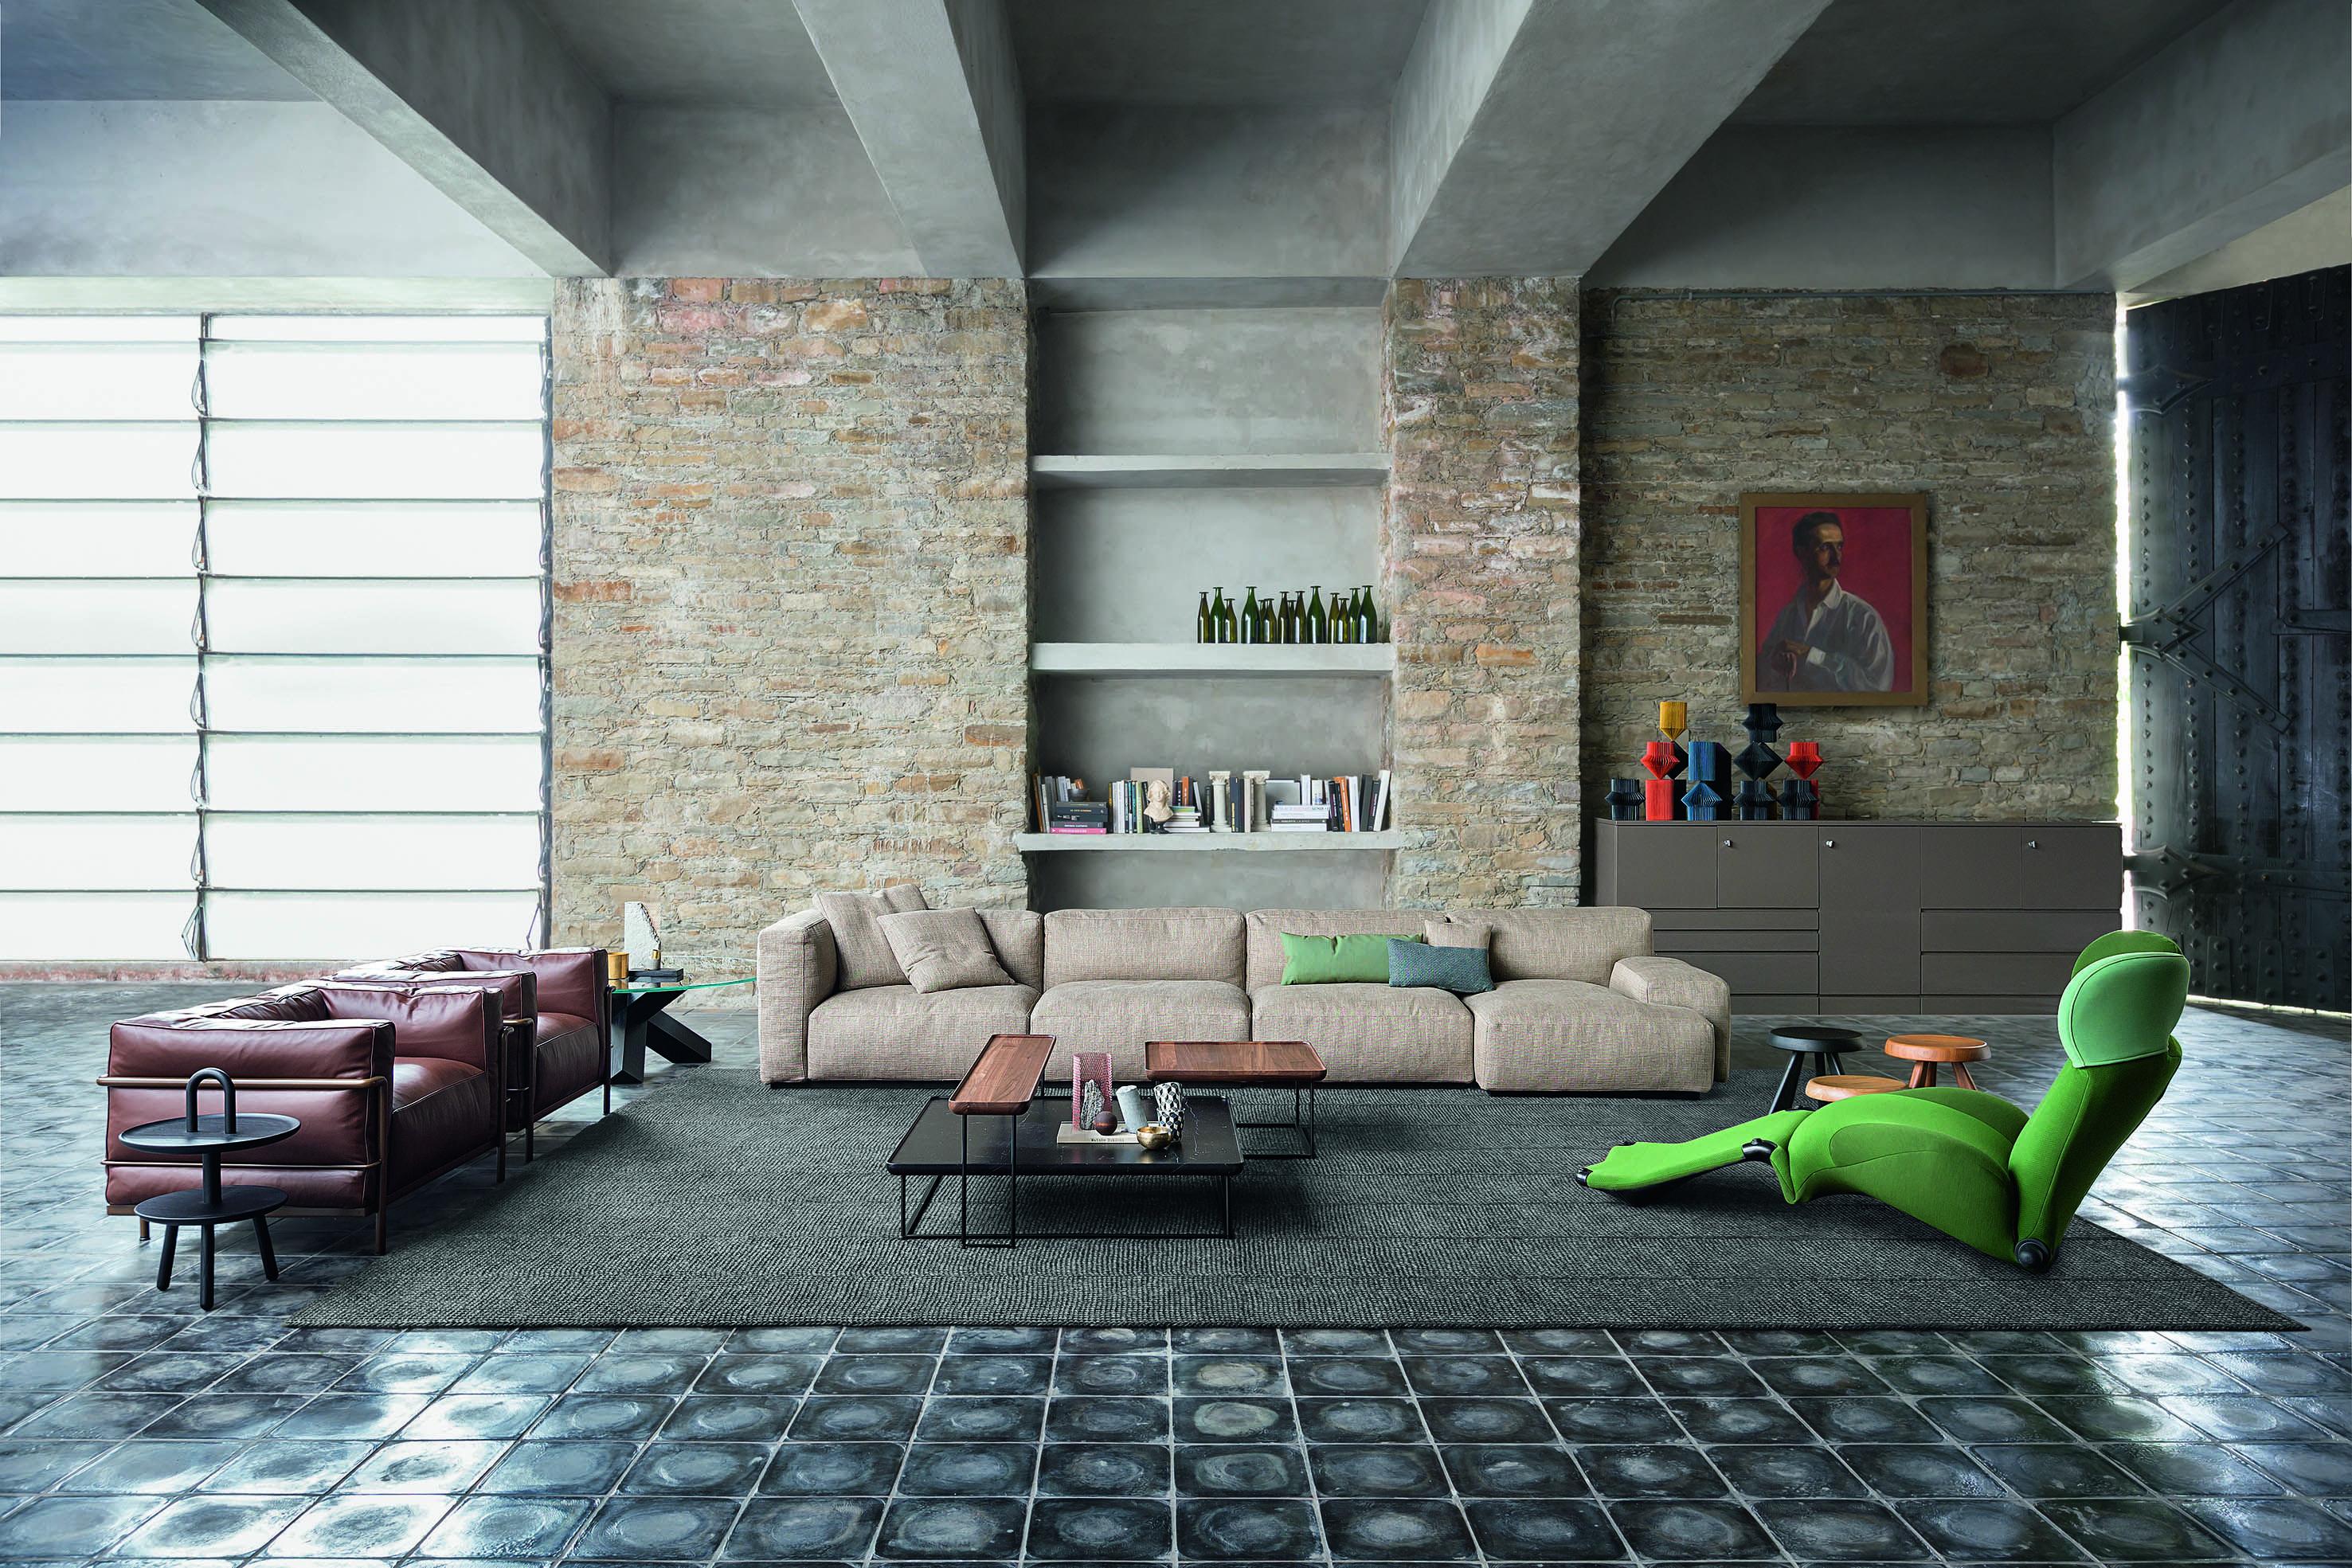 Wink Chair   Cassina   Möbel 21er jahre, Einrichtungsstil, Möbeldesign